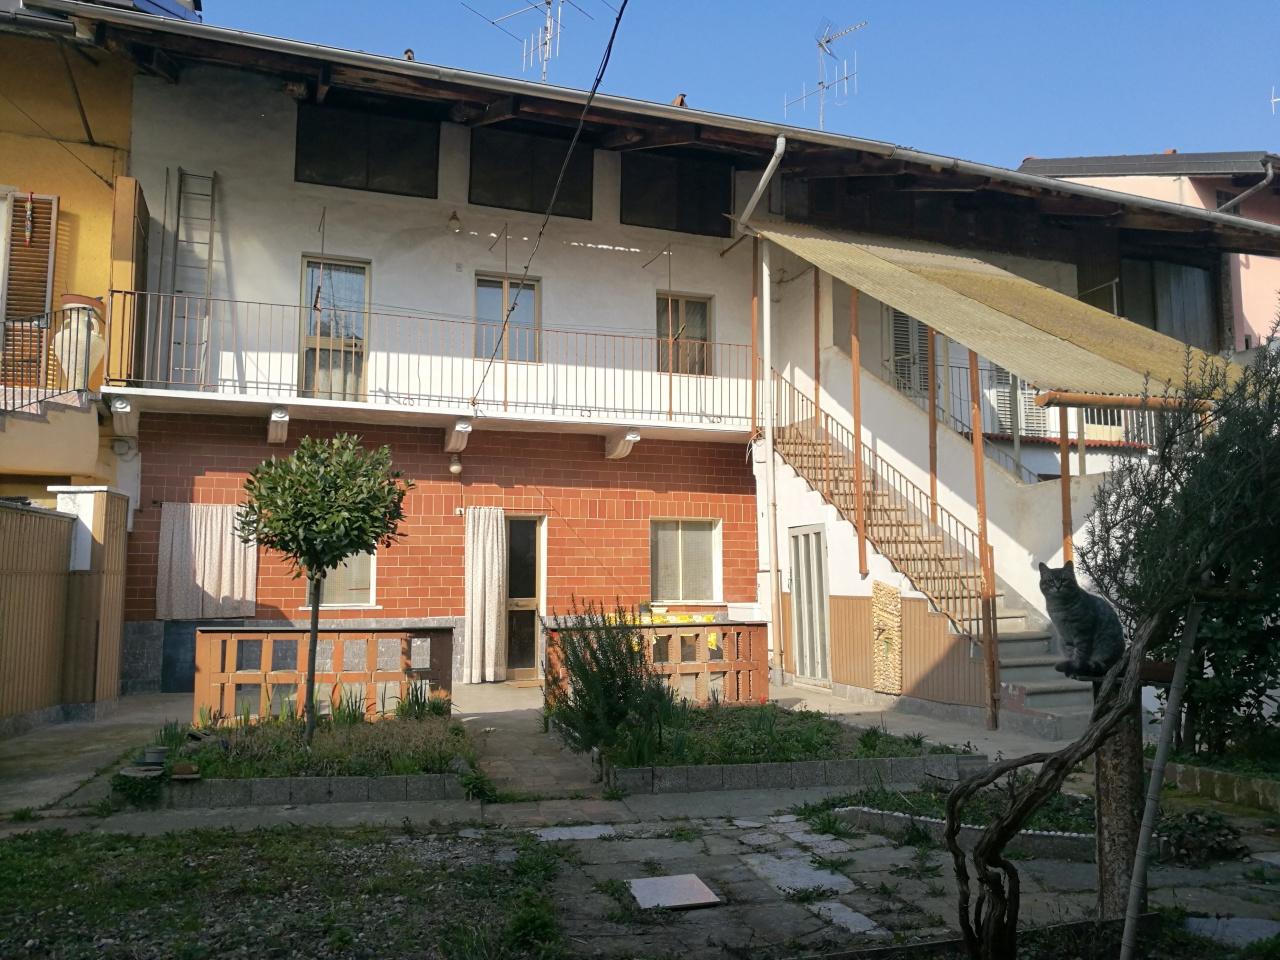 Soluzione Indipendente in vendita a Verolengo, 4 locali, prezzo € 64.000 | PortaleAgenzieImmobiliari.it